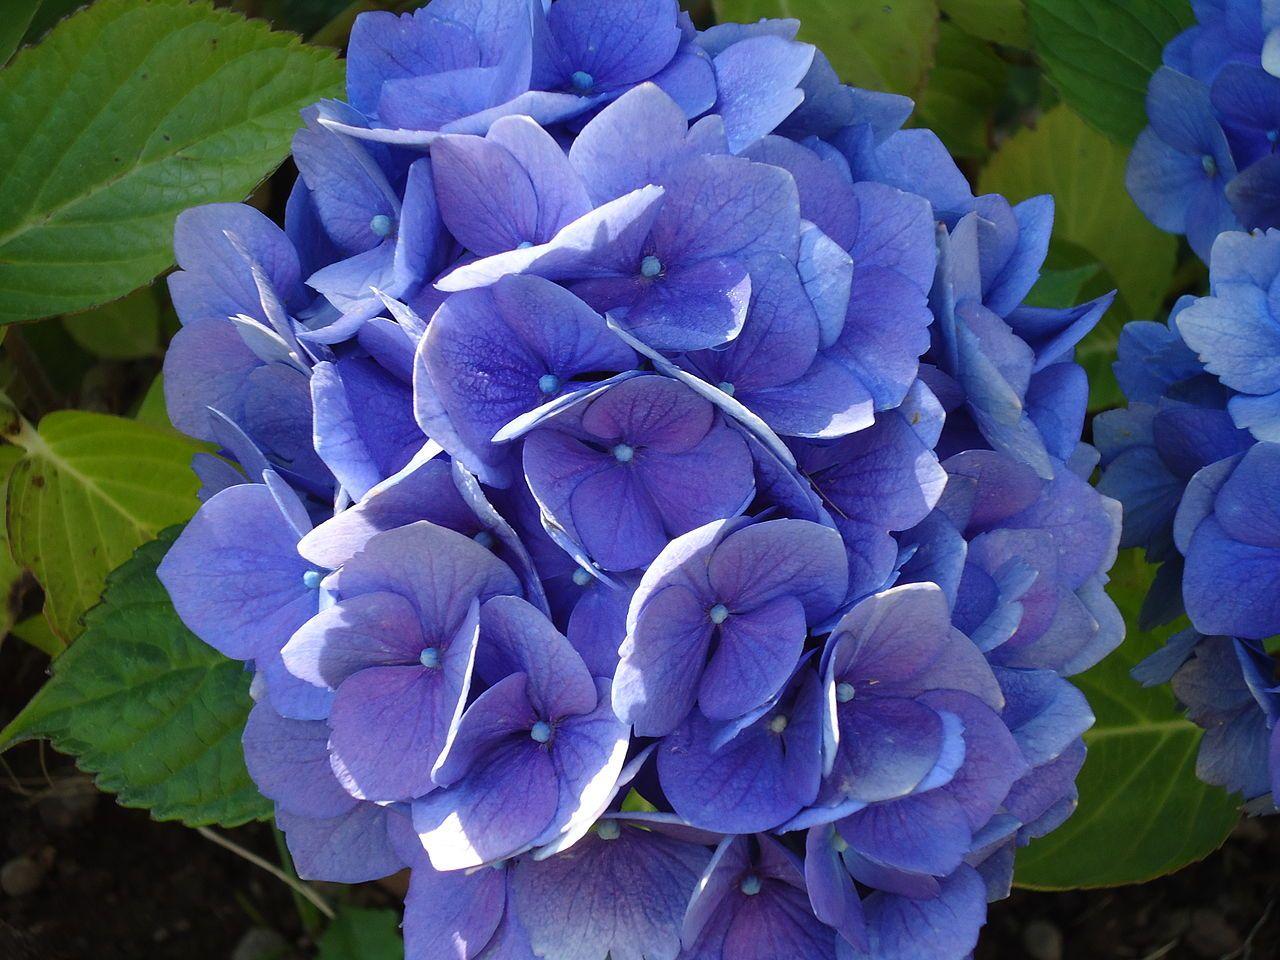 A Lovely Hydrangea From My Blog Post On Flowers In Spanish America Hydrangea Purple Flower Guide Flowers